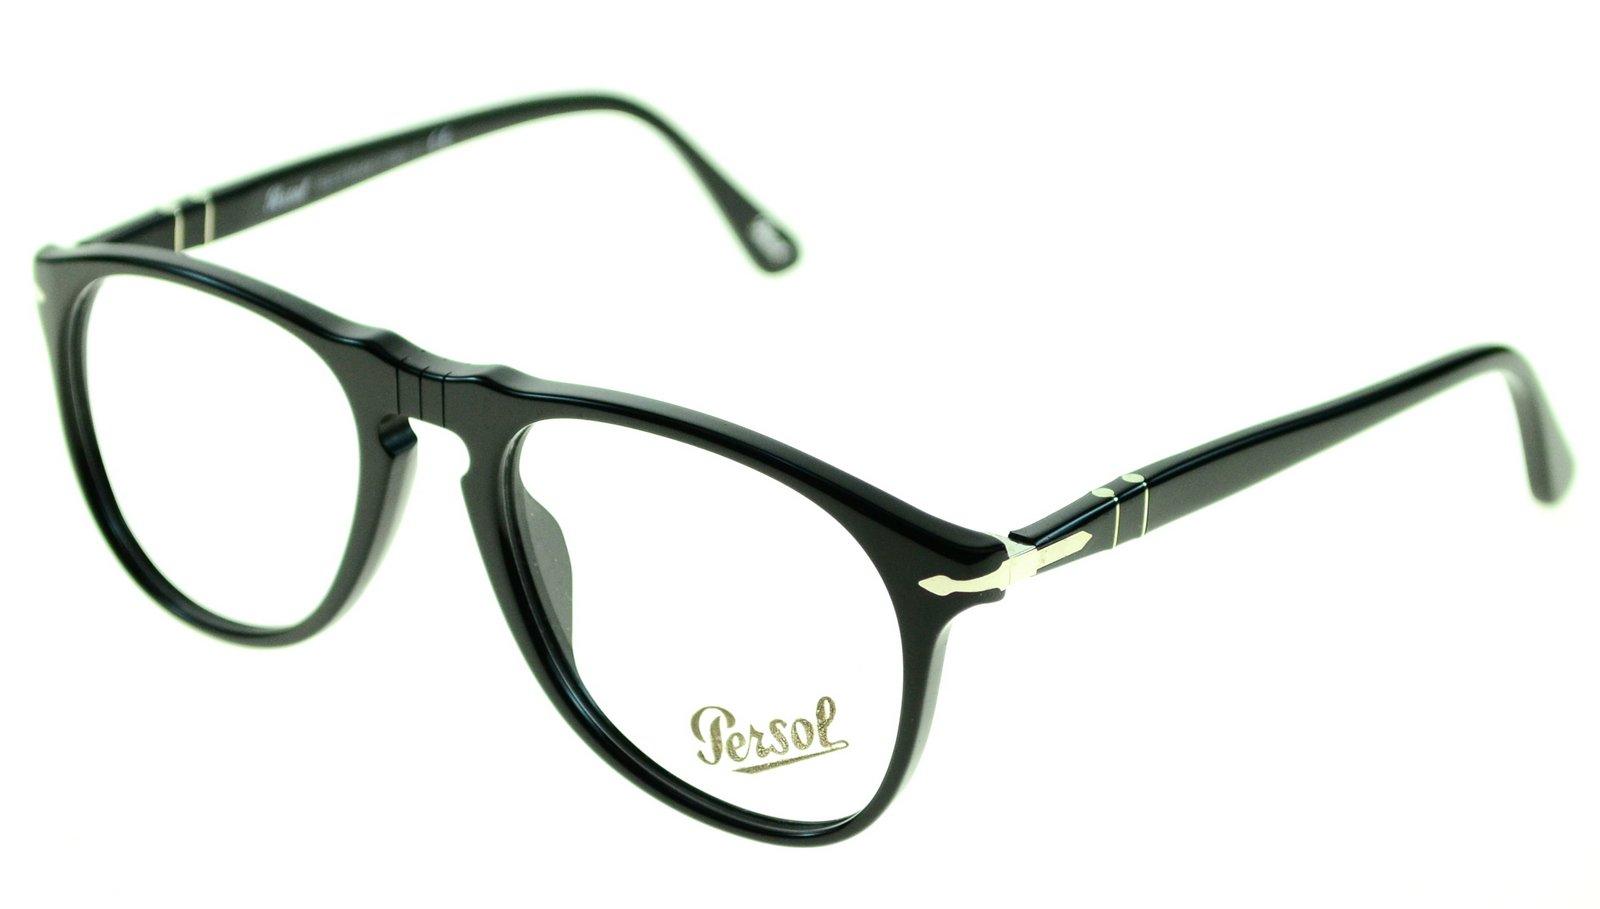 persol mens eyewear frames po 9649v 52mm black 95 ebay